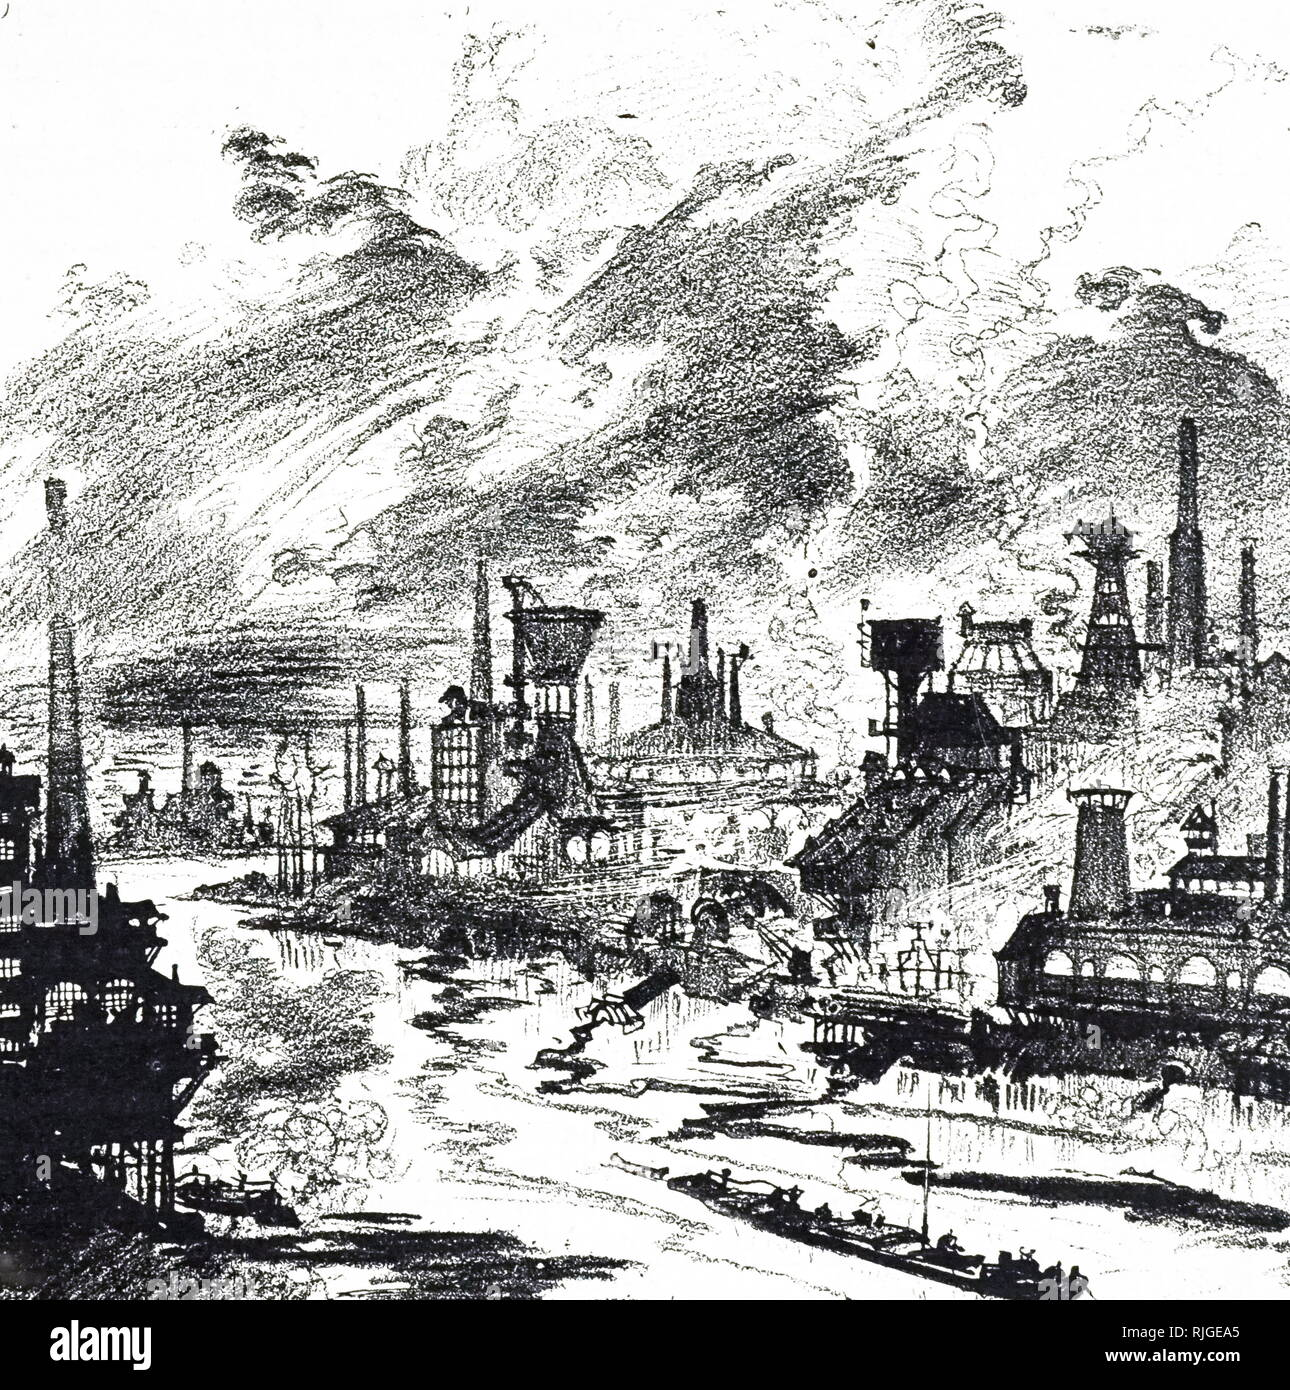 Eine Gravur, die Idee eines Autors der Umweltbelastungen in den 1950er Jahren, wenn die chemische Industrie auf 'Weiter'. Vom 19. Jahrhundert Stockbild